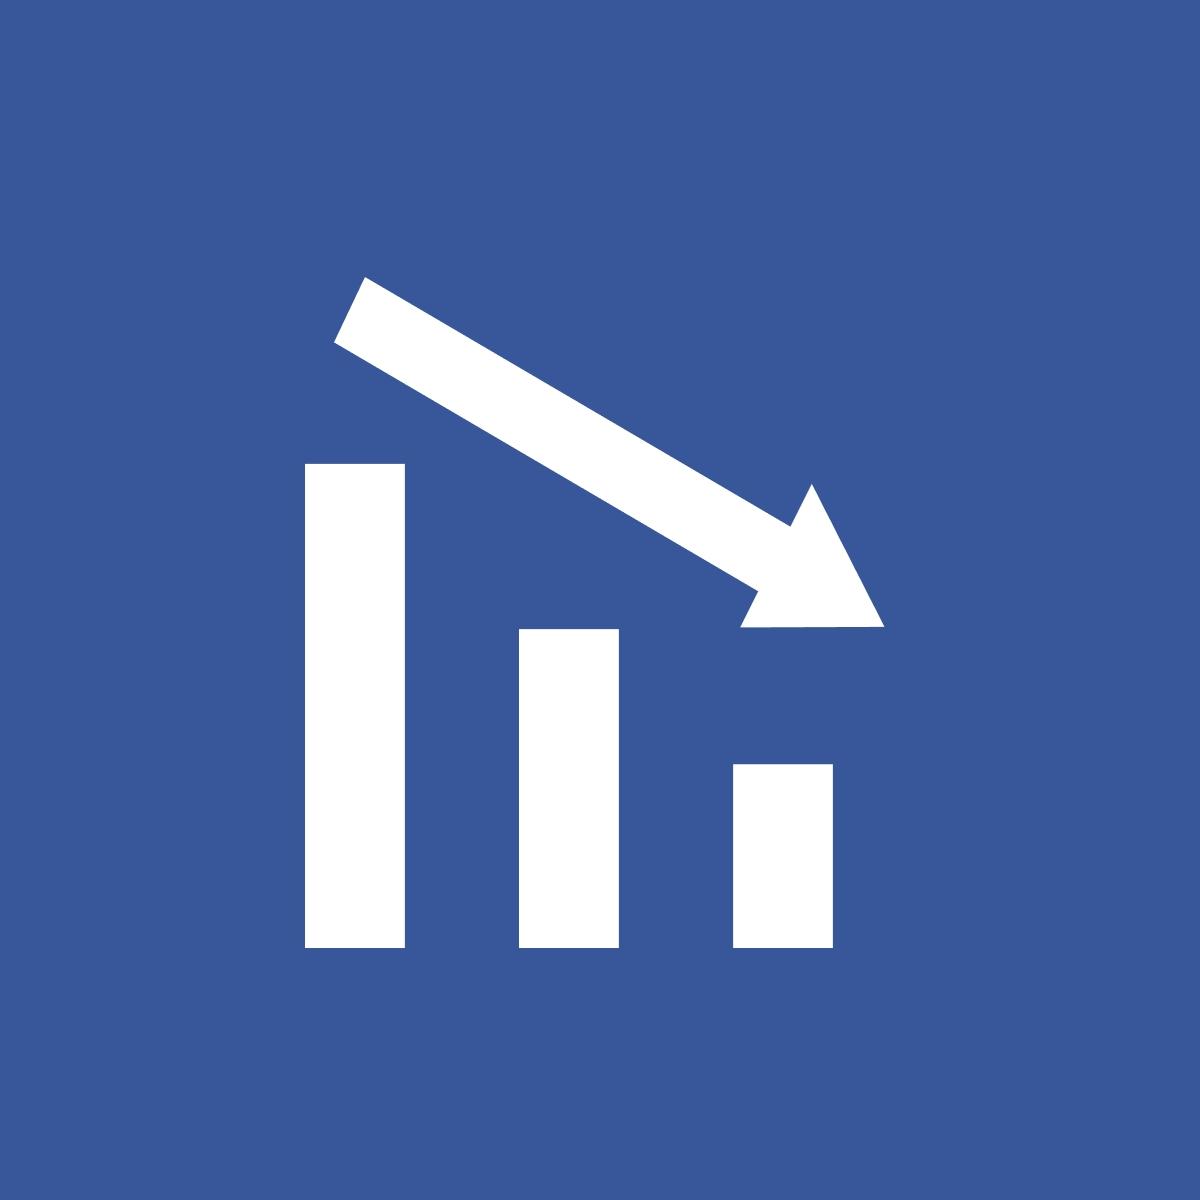 Shopify Low Stock Alert app by Xeon app